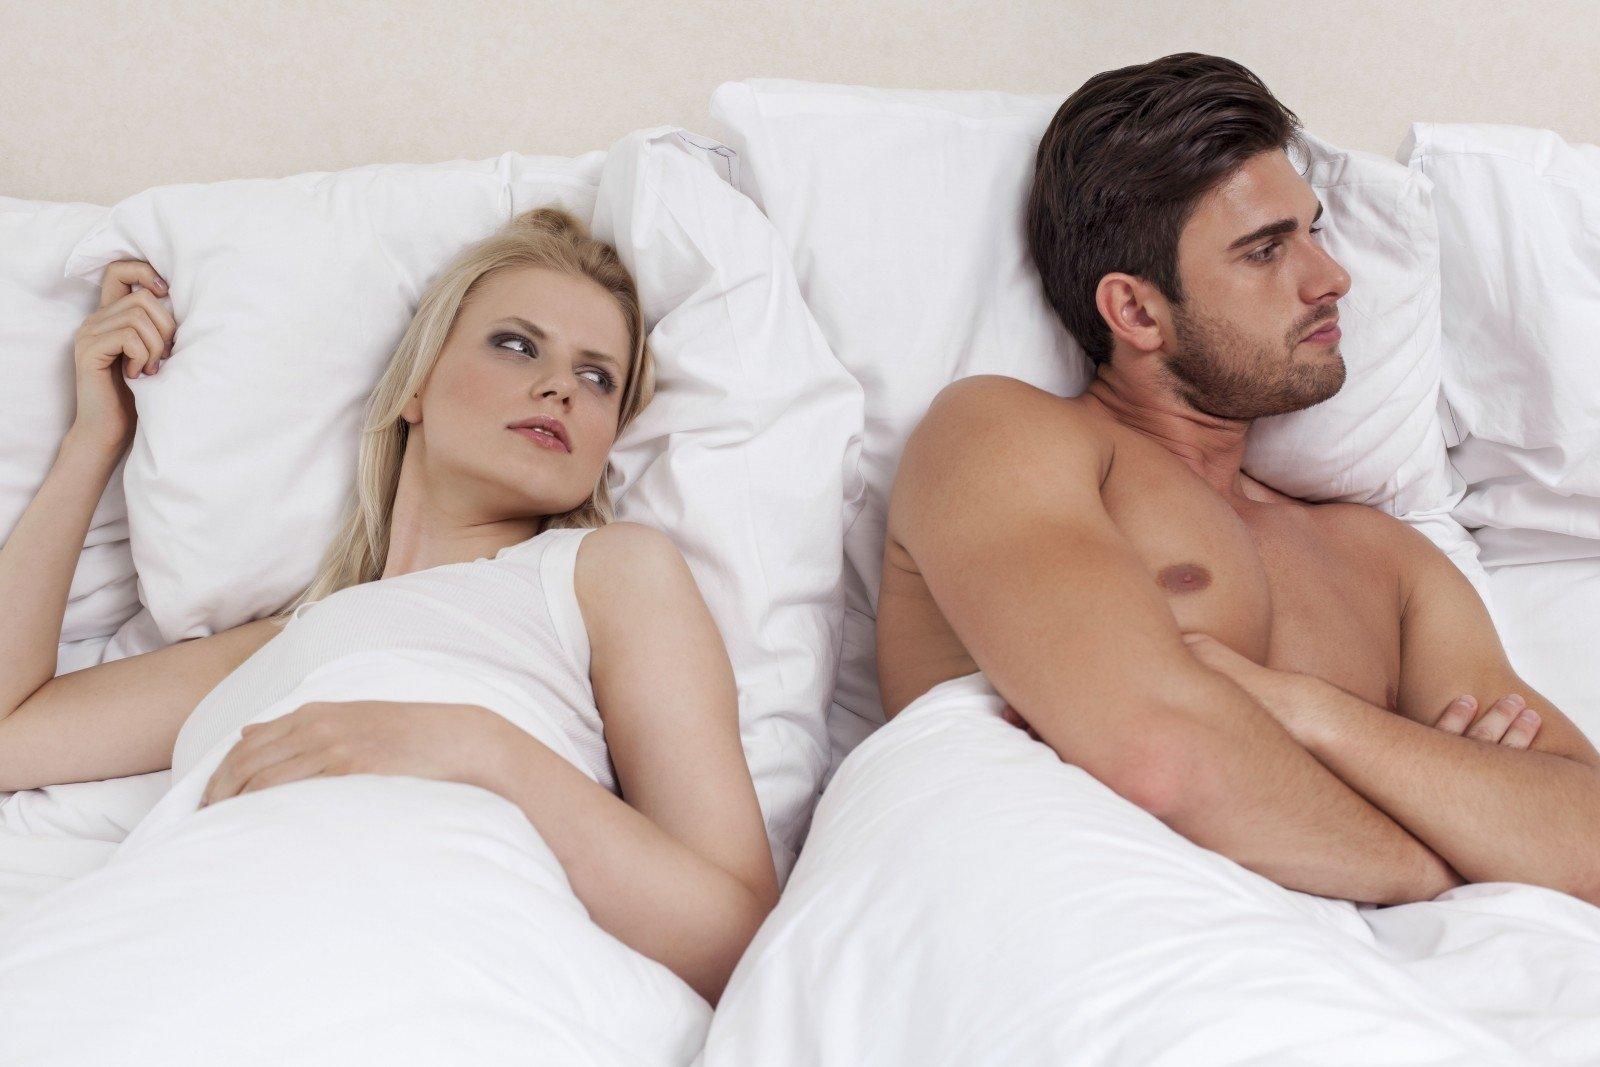 48 metų vyras neturi erekcijos vyrų kiekvieną rytą būna erekcija